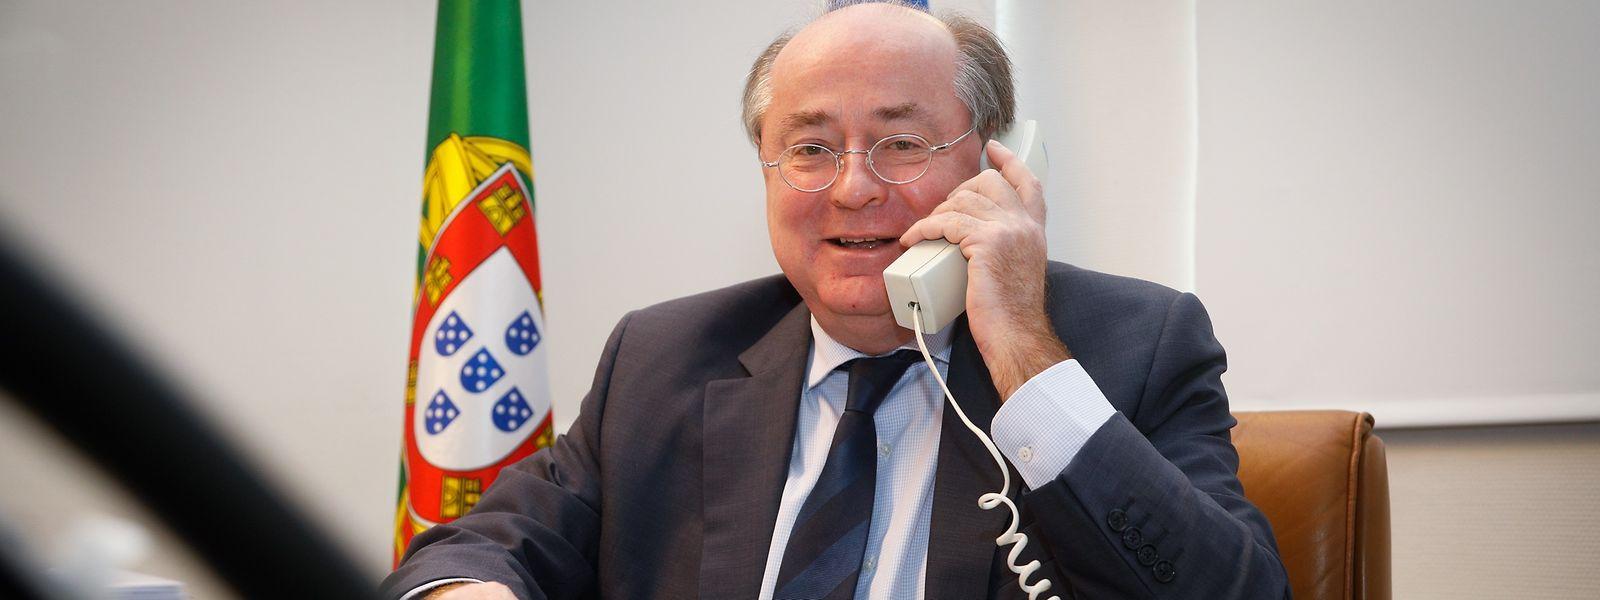 O embaixador António Gamito diz que não foi contactado diretamente sobre pedidos de apoio de portugueses afetados pela crise pandémica.